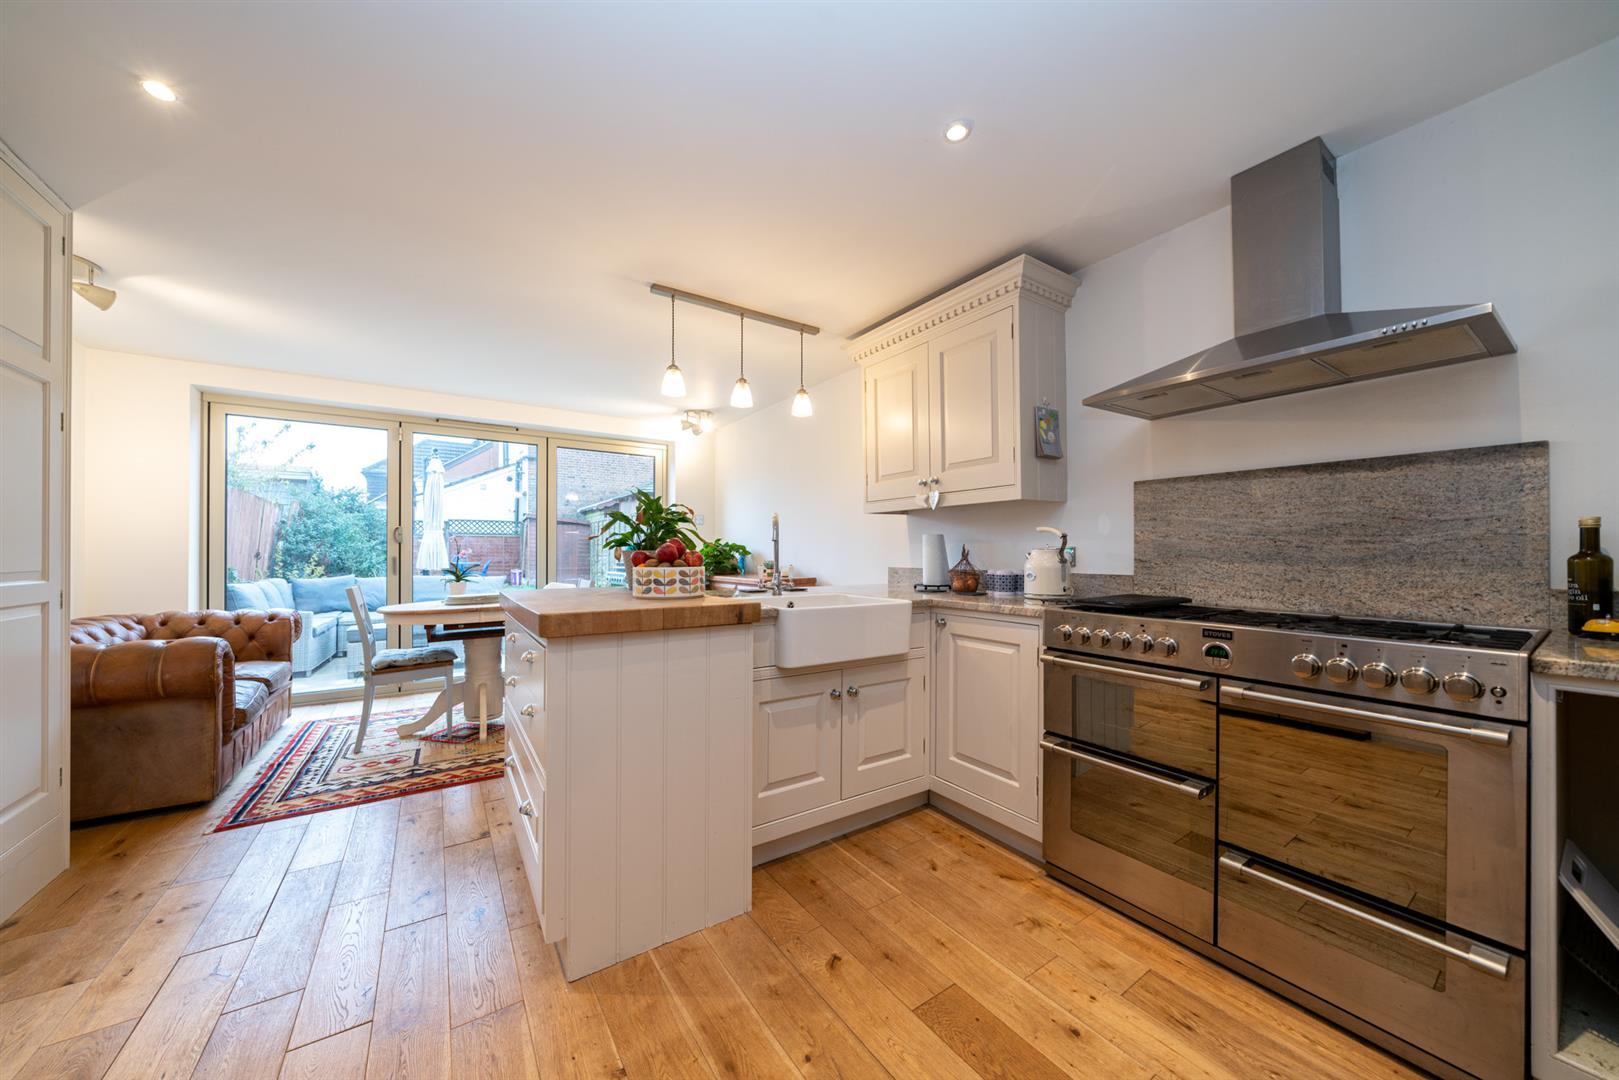 5-Cross-Oak-Road-4644 (1) - kitchen 2.jpg